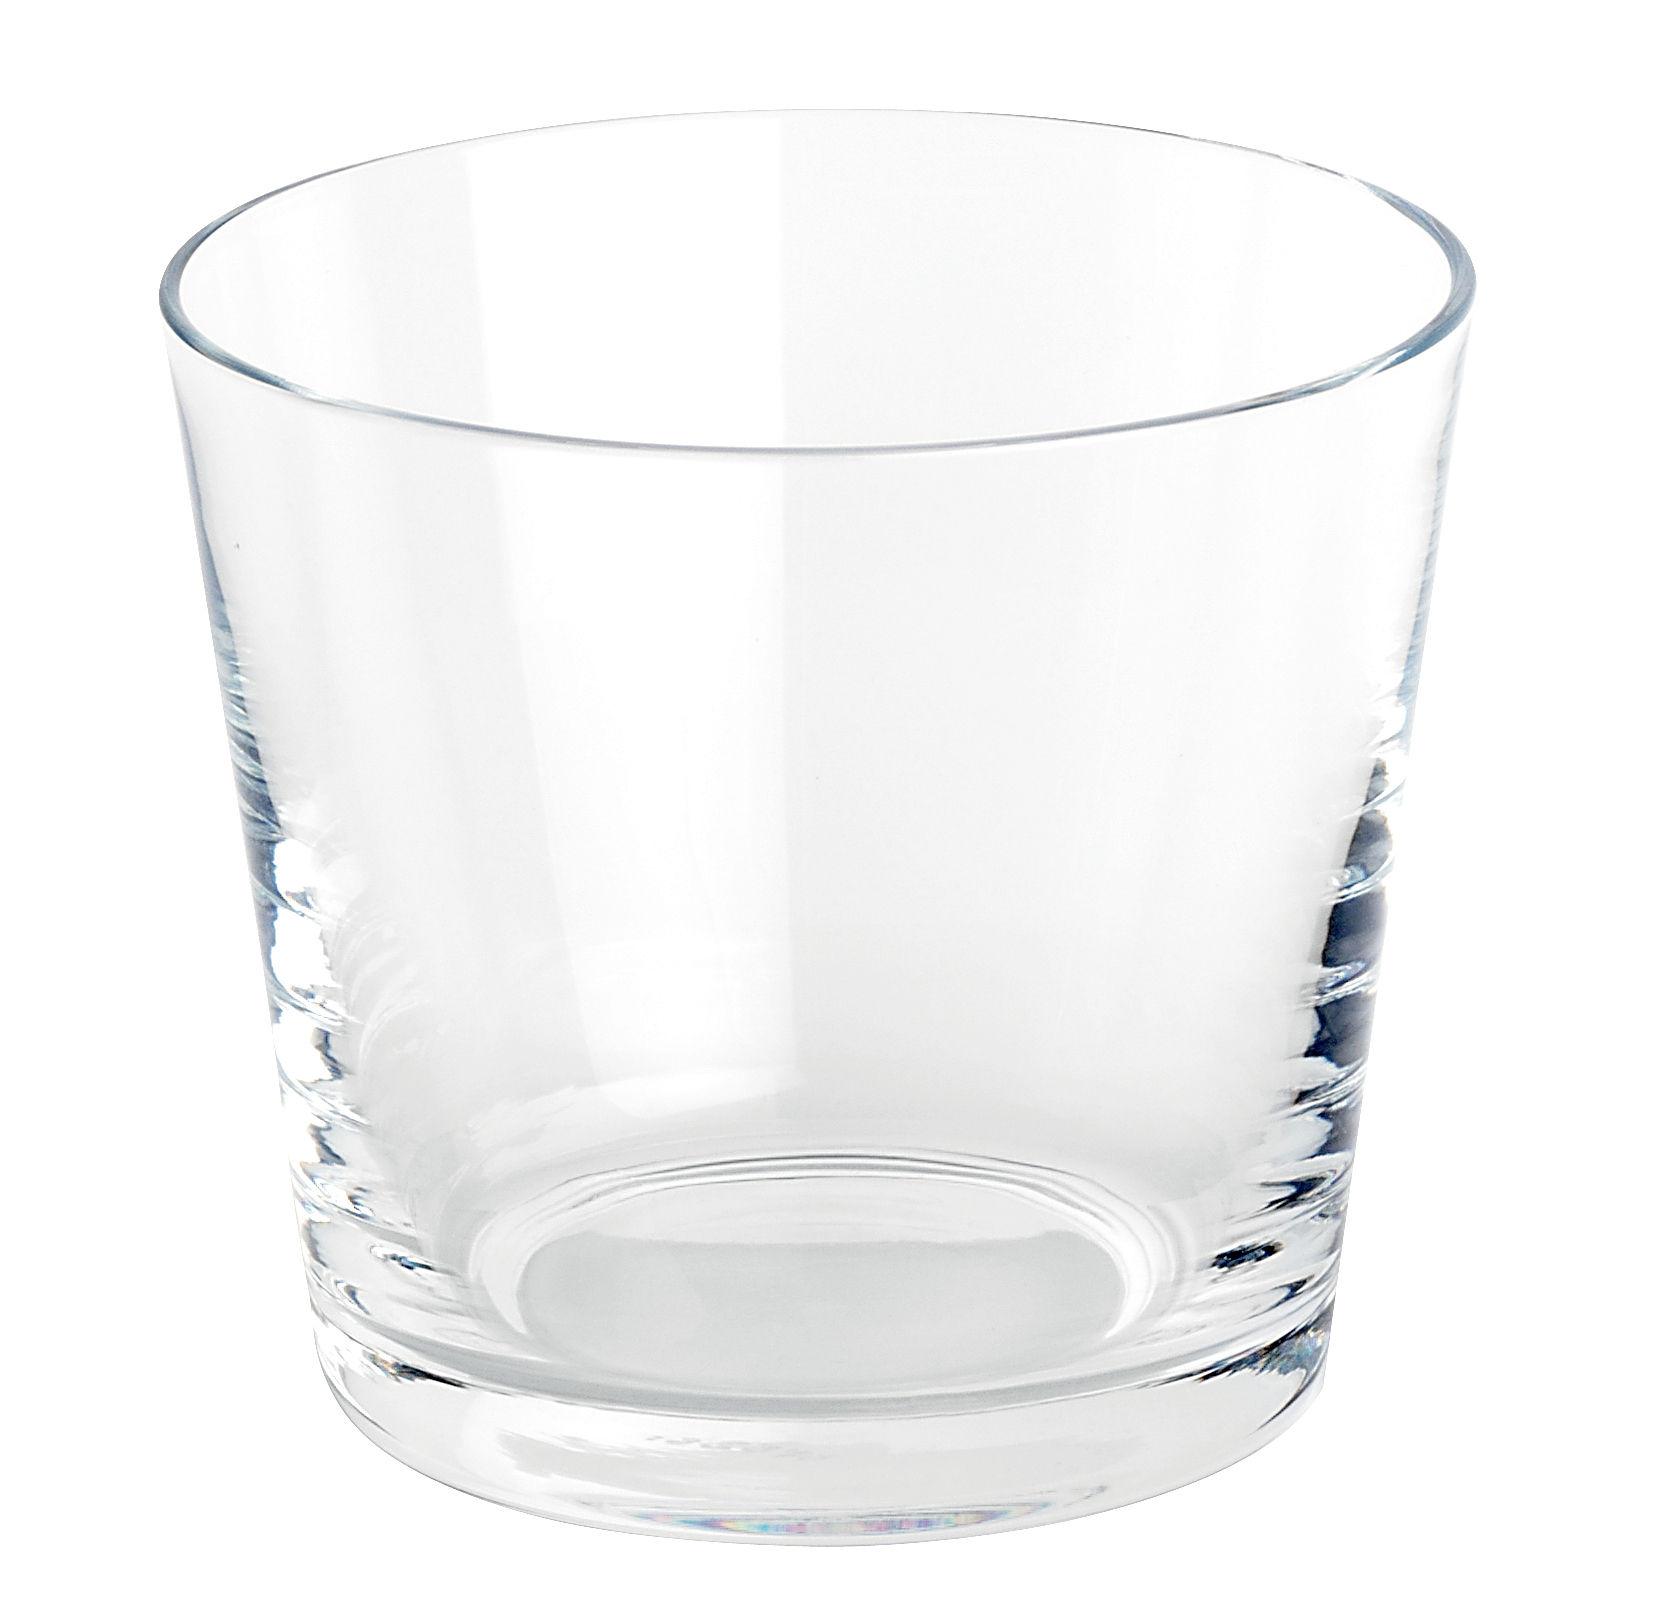 scopri bicchiere da acqua tonale trasparente di alessi made in design italia. Black Bedroom Furniture Sets. Home Design Ideas